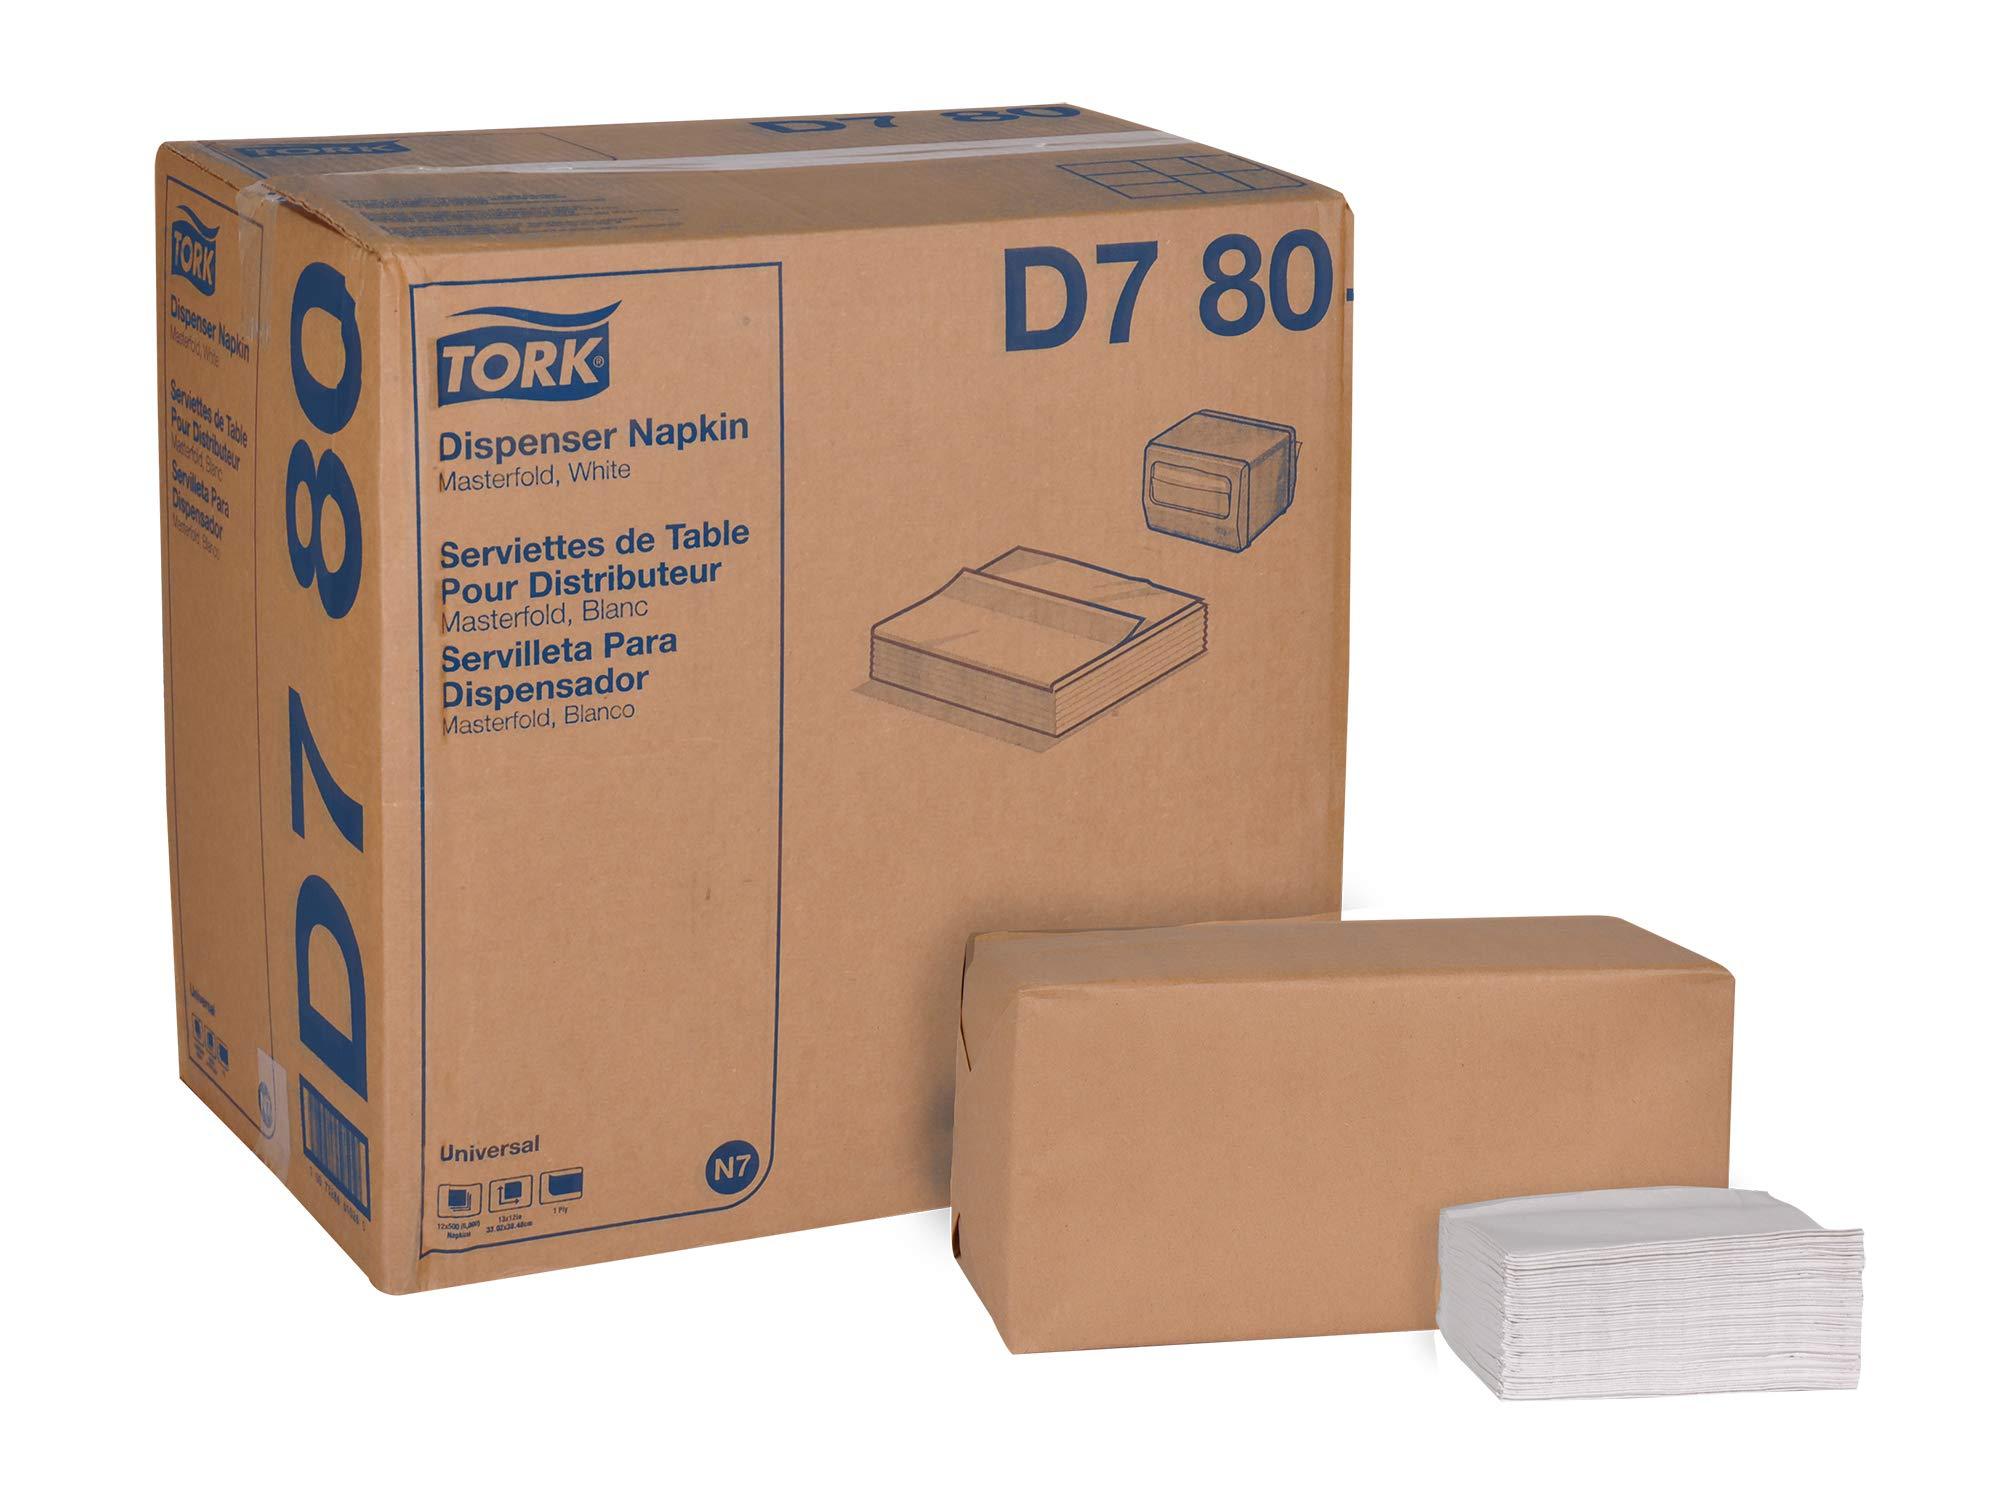 Tork Universal D780 Masterfold Dispenser Napkin ,1-Ply, 13'' Width x 12'' Length, White (Case of 12 Packs, 500 per Pack, 6,000 Napkins)